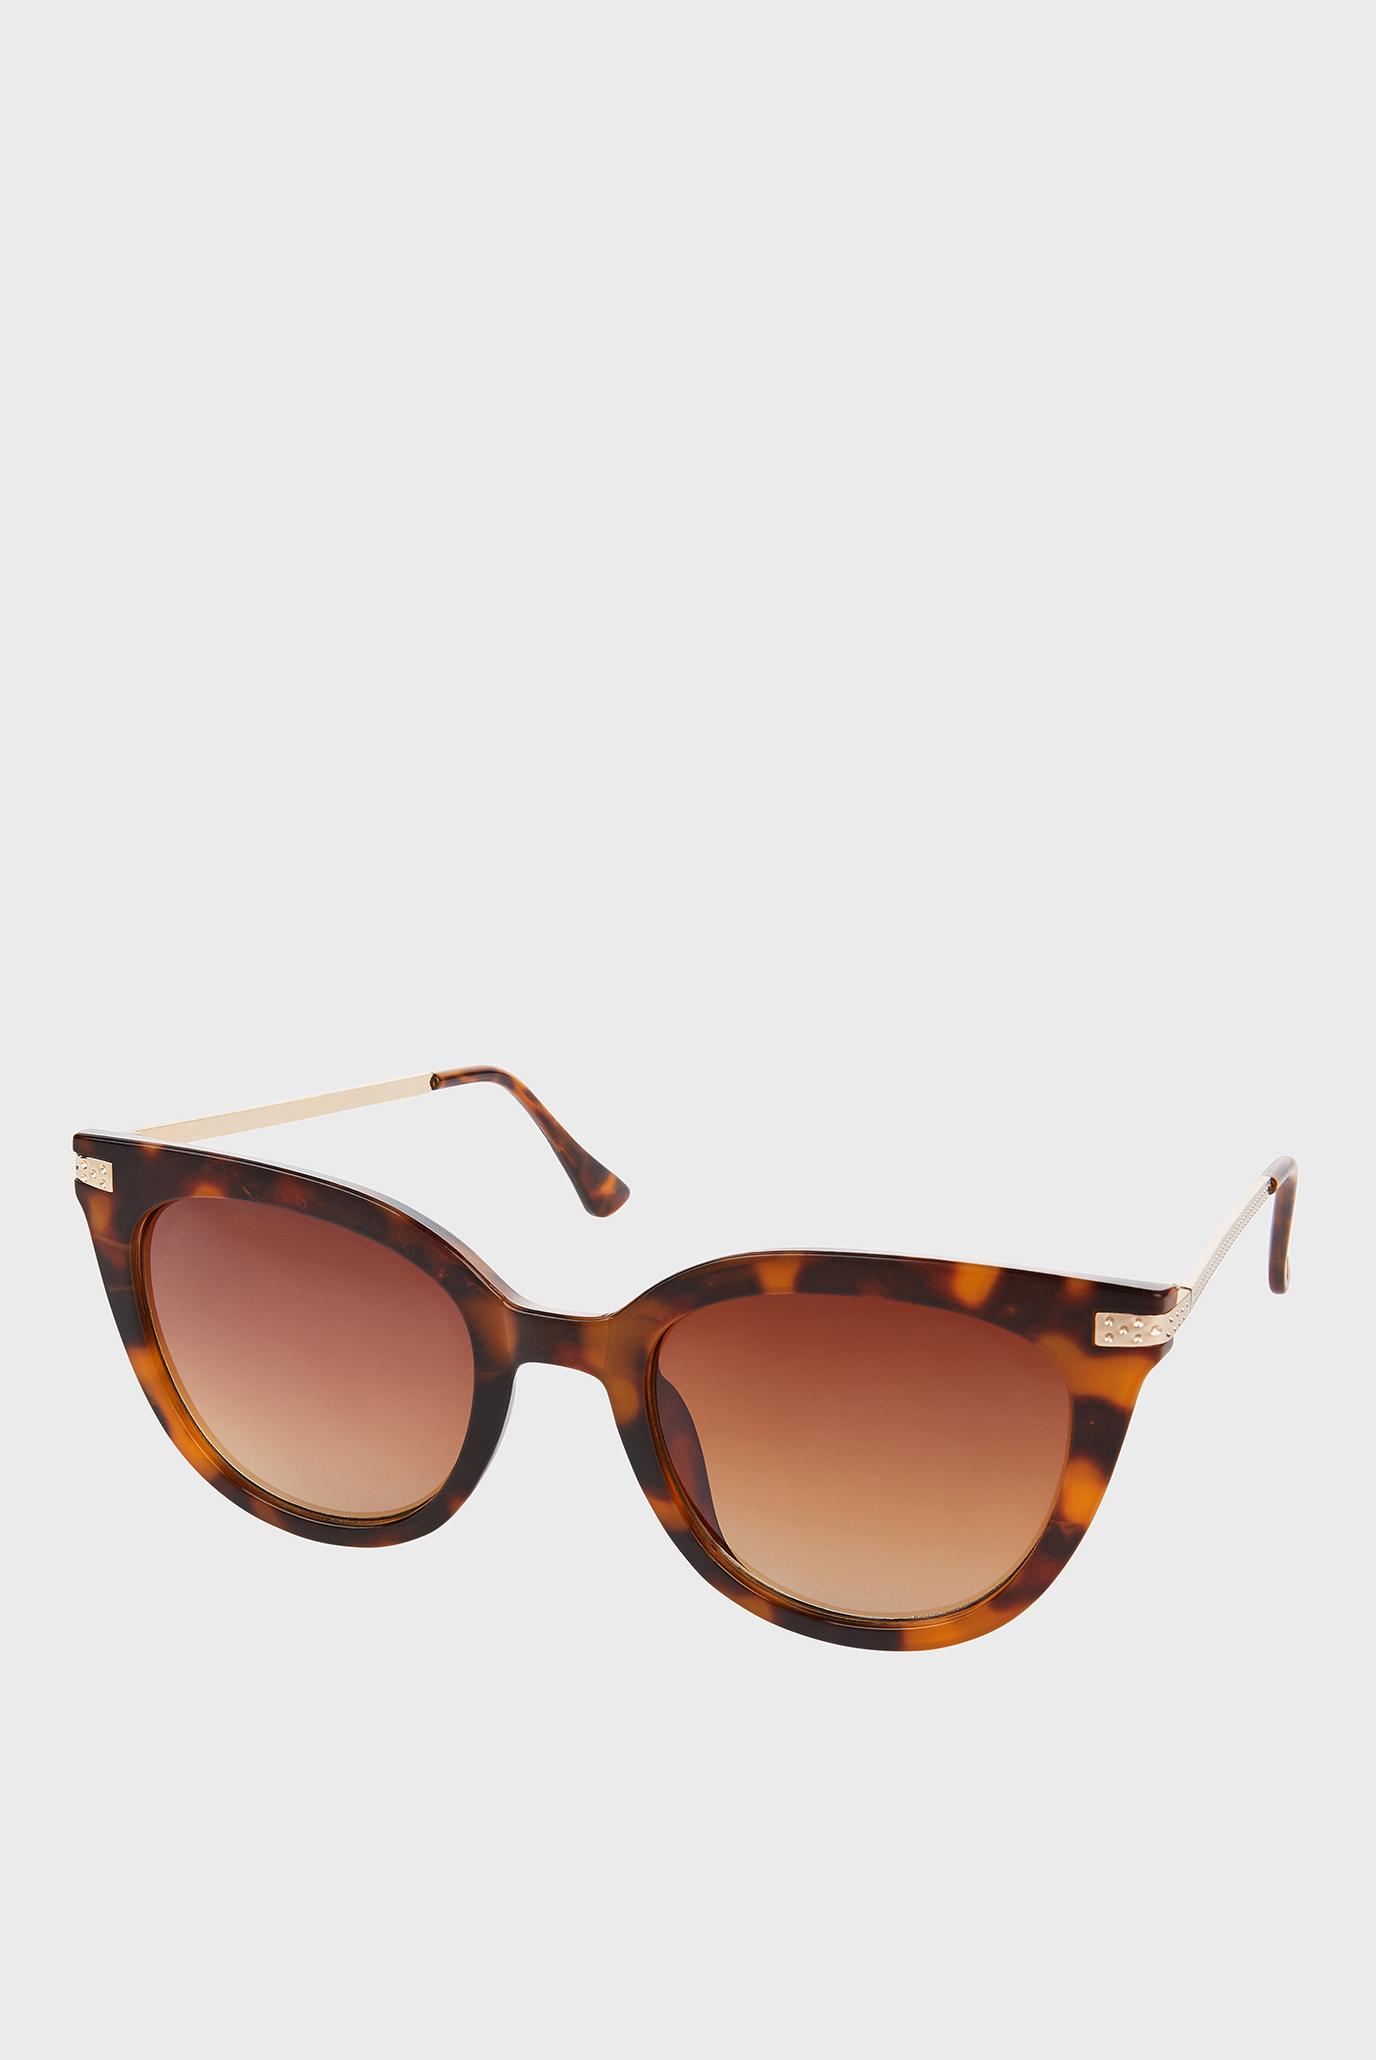 Коричневі сонцезахисні окуляри CAROLINE CATEYE SUNG 1